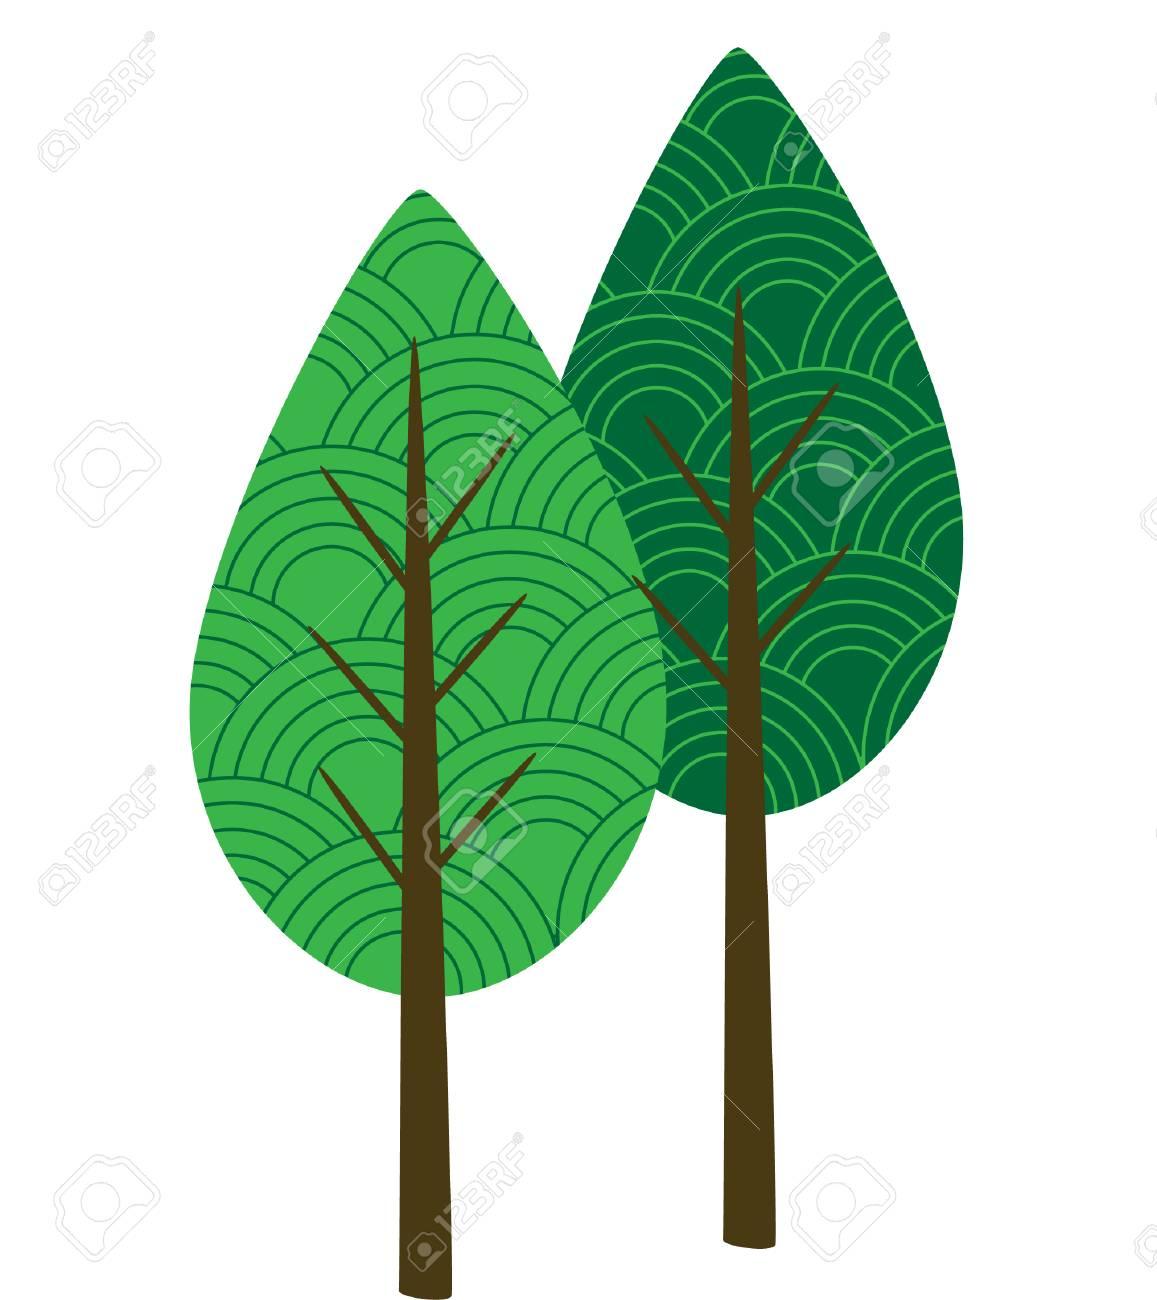 2 つの貝柱パターン ベクトルの木クリップアートのイラスト素材ベクタ